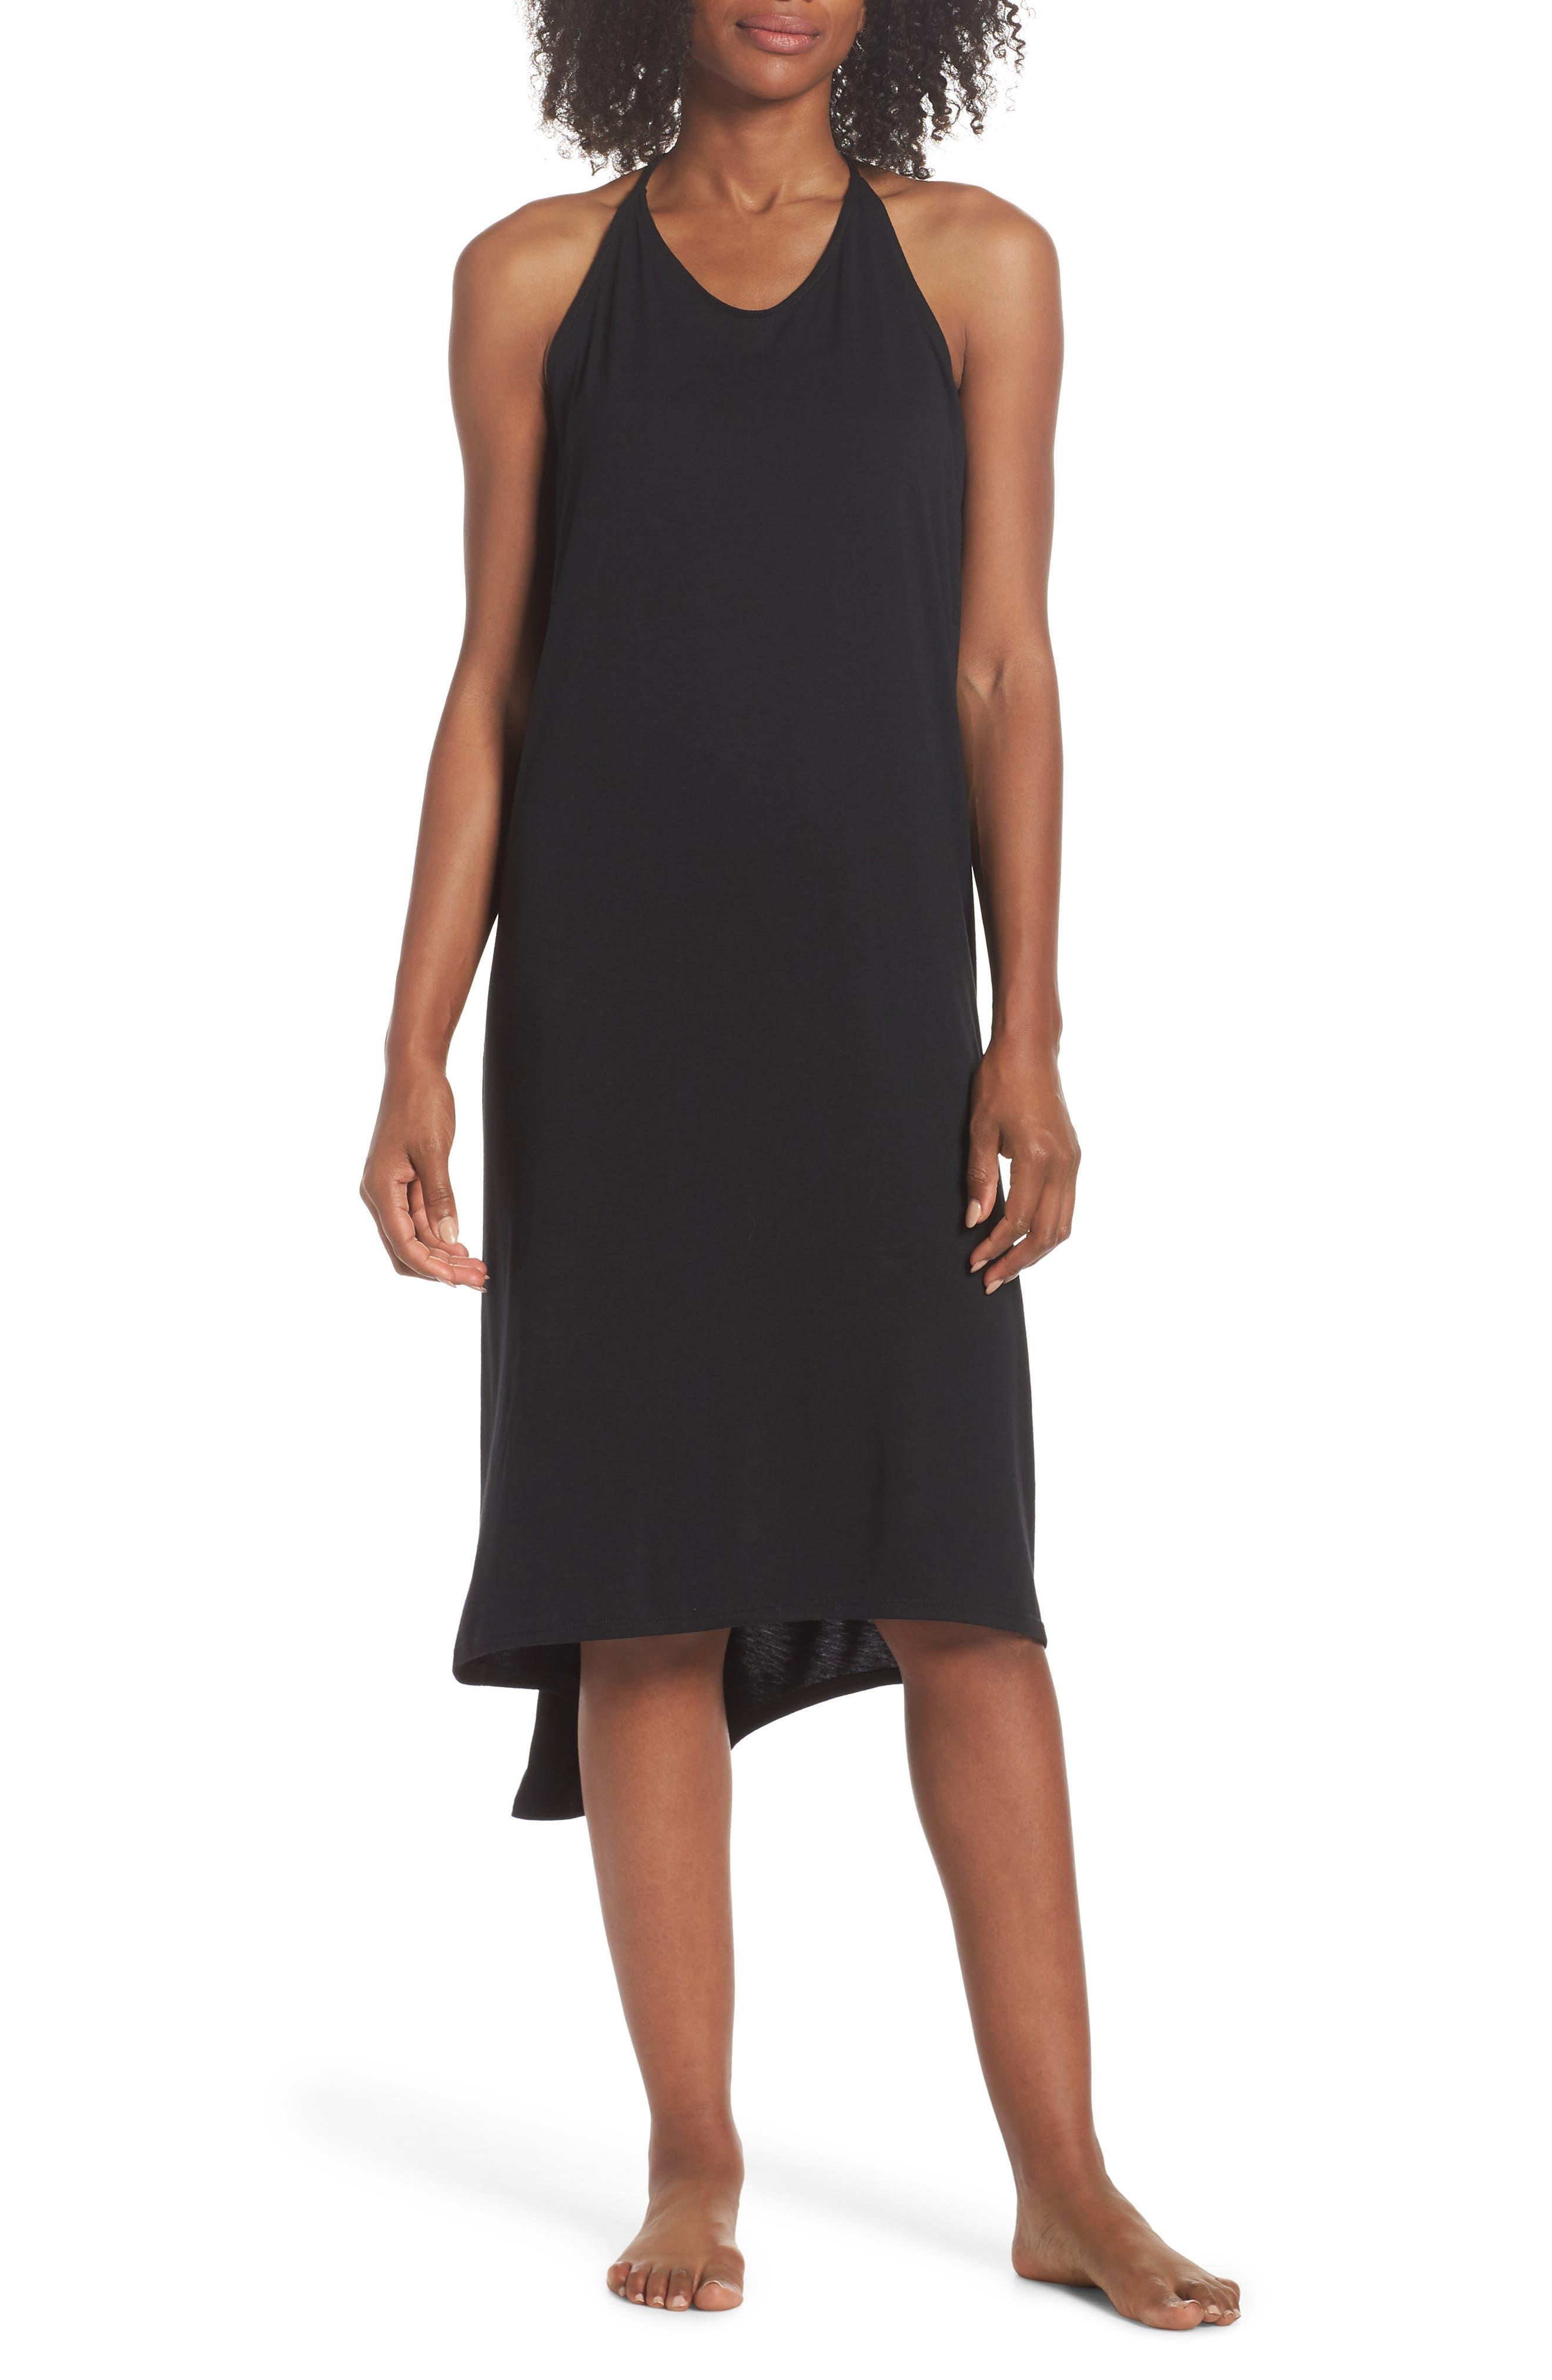 Yoga Dress,                             Main thumbnail 1, color,                             Black